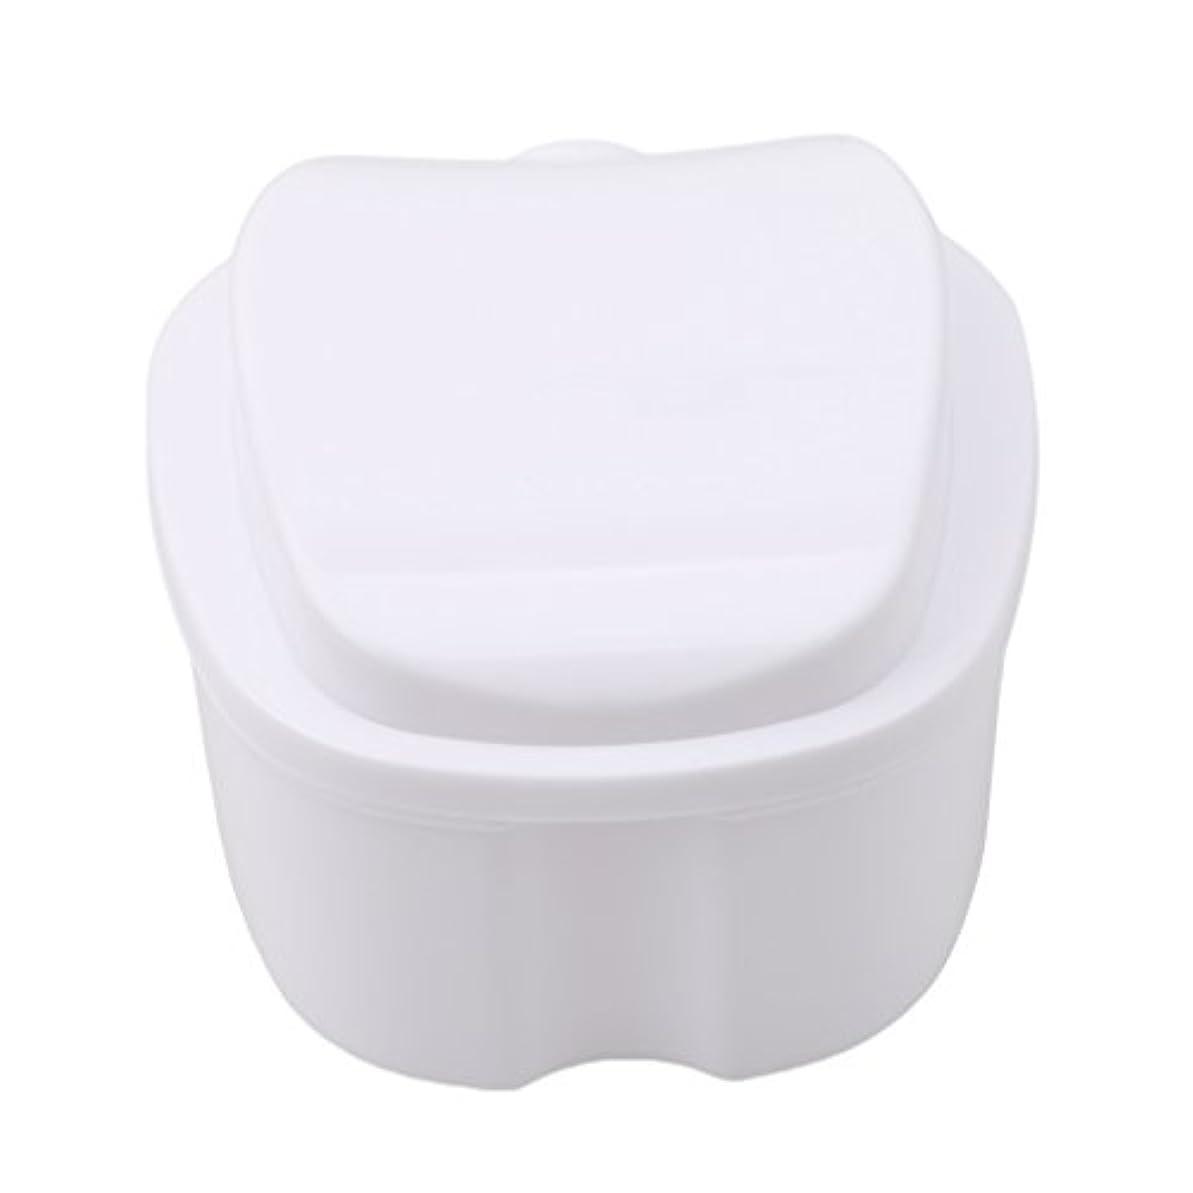 芽製作口ひげHonel 収納ボックス 義歯収納用 リテーナーケース りんご柄 ホワイト